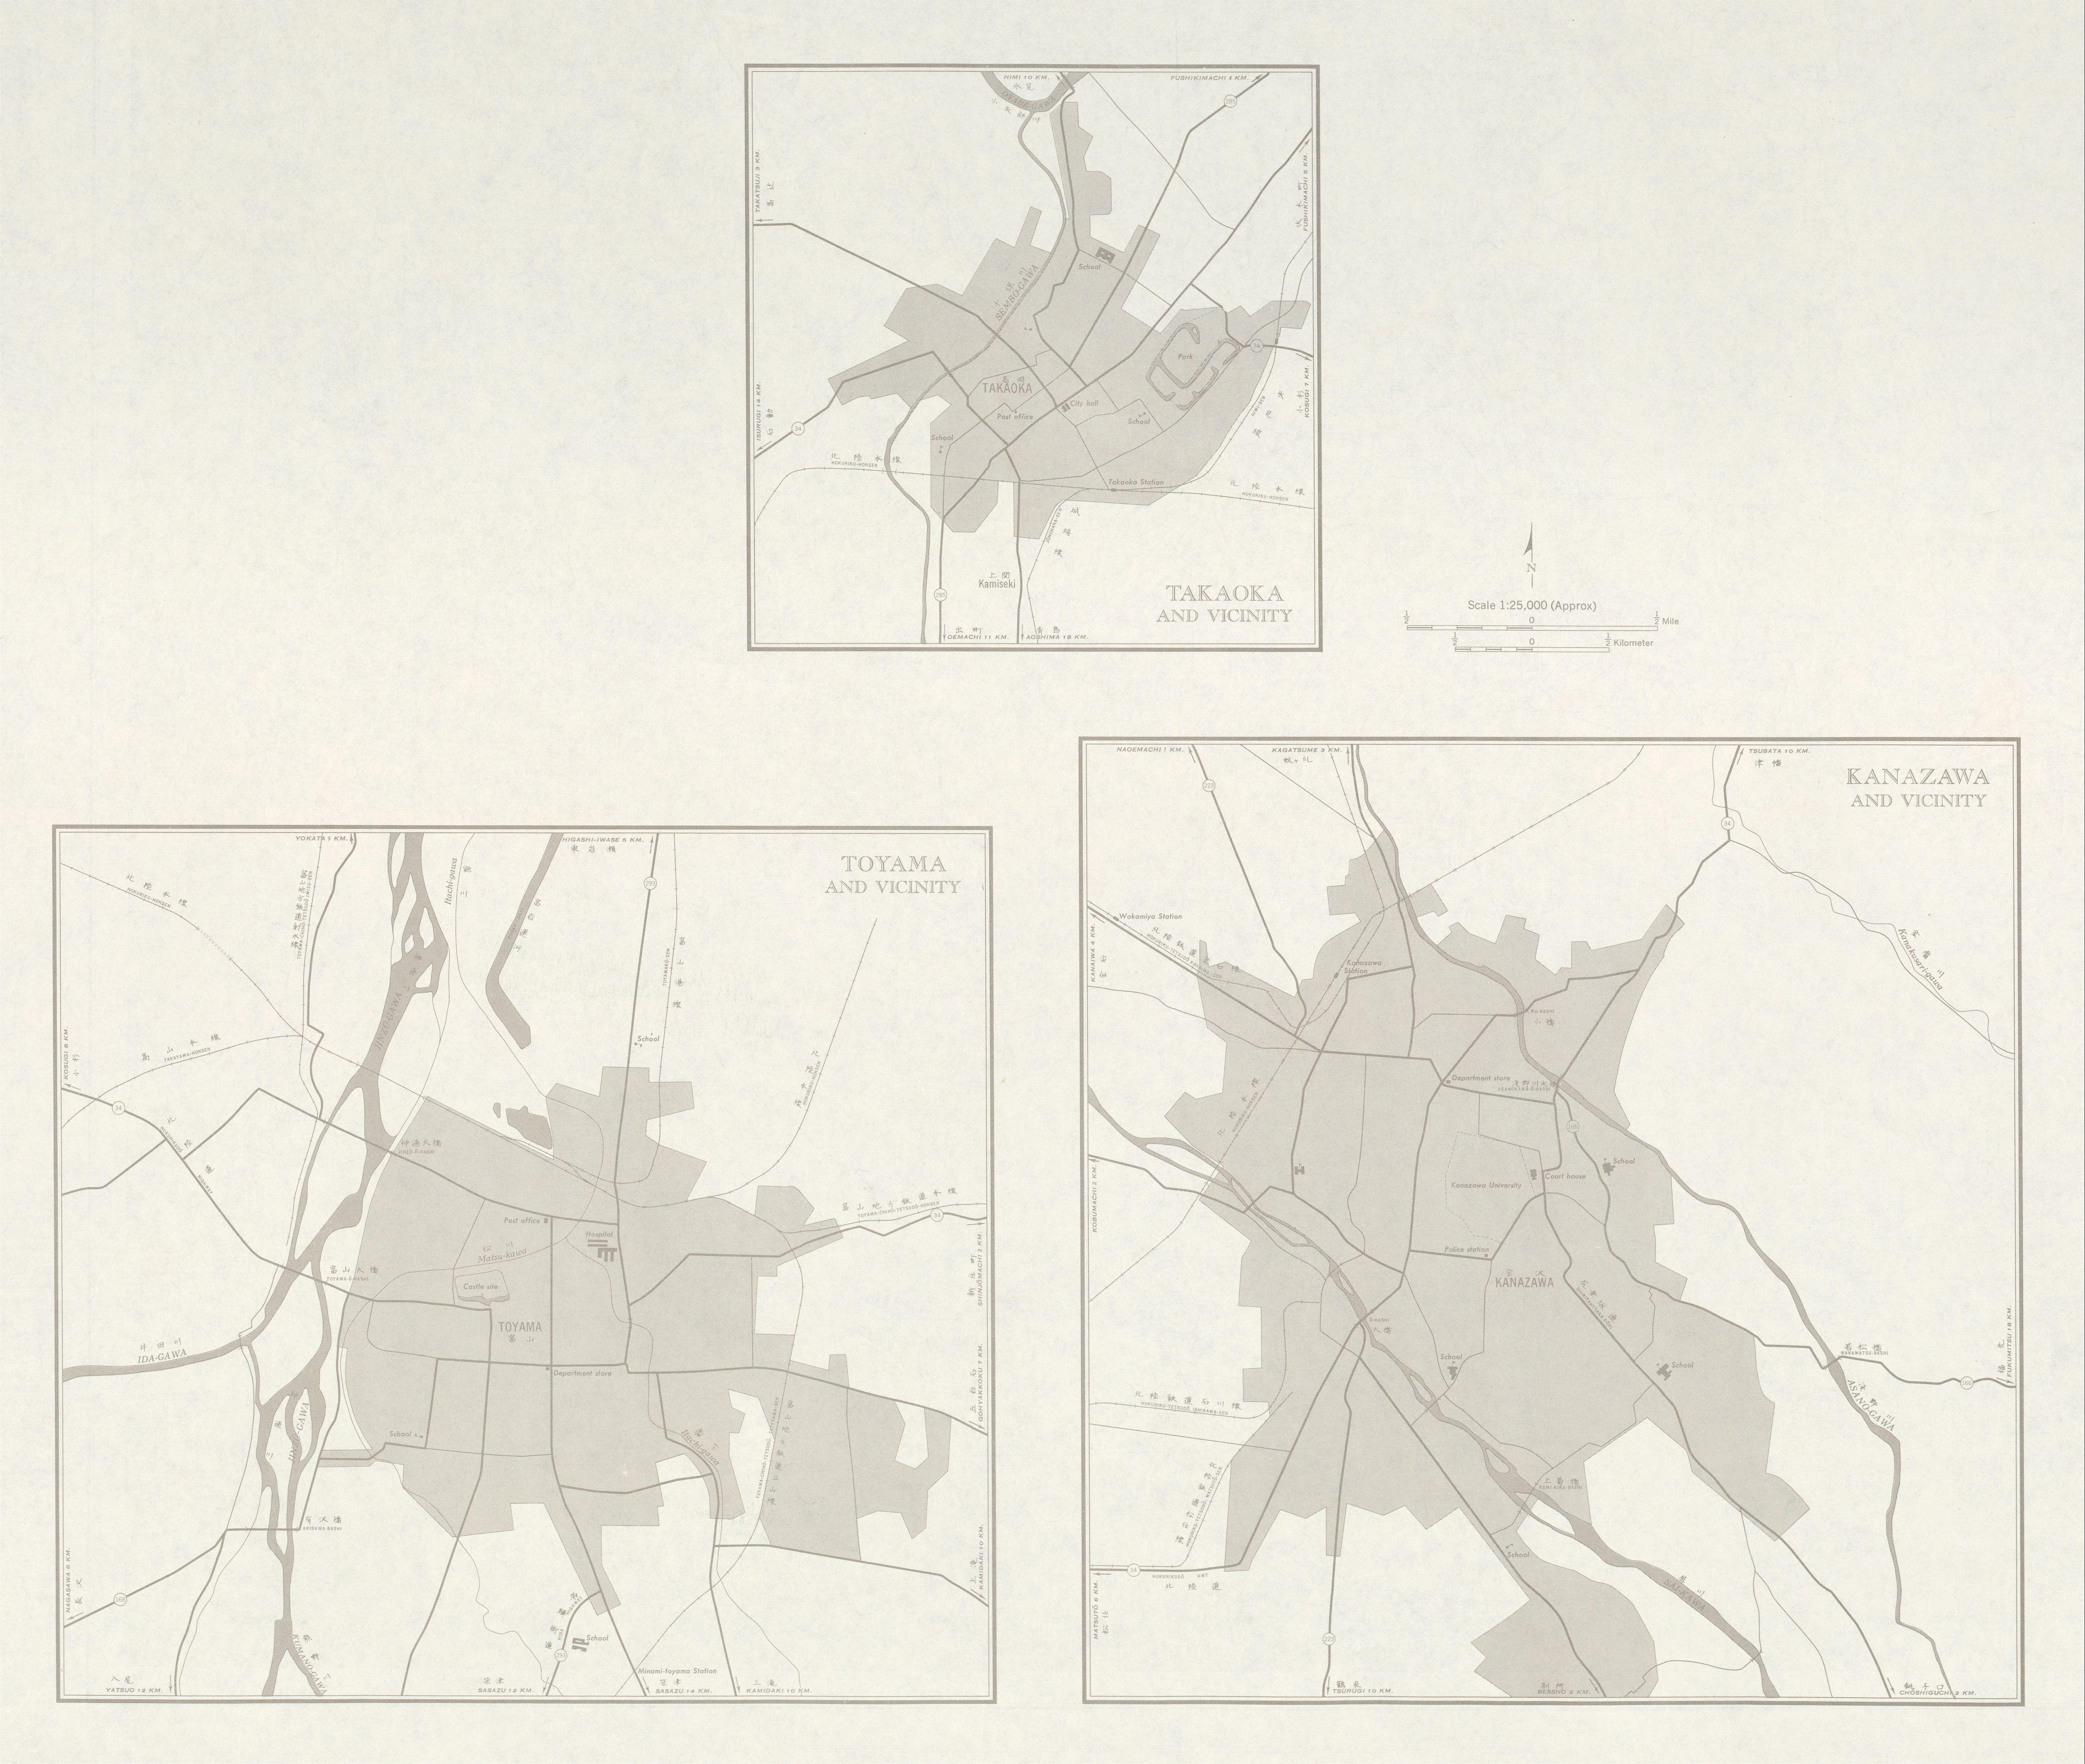 Mapas de Takaoka, Toyama, Kanazawa y sus Cercanias, Japón 1954